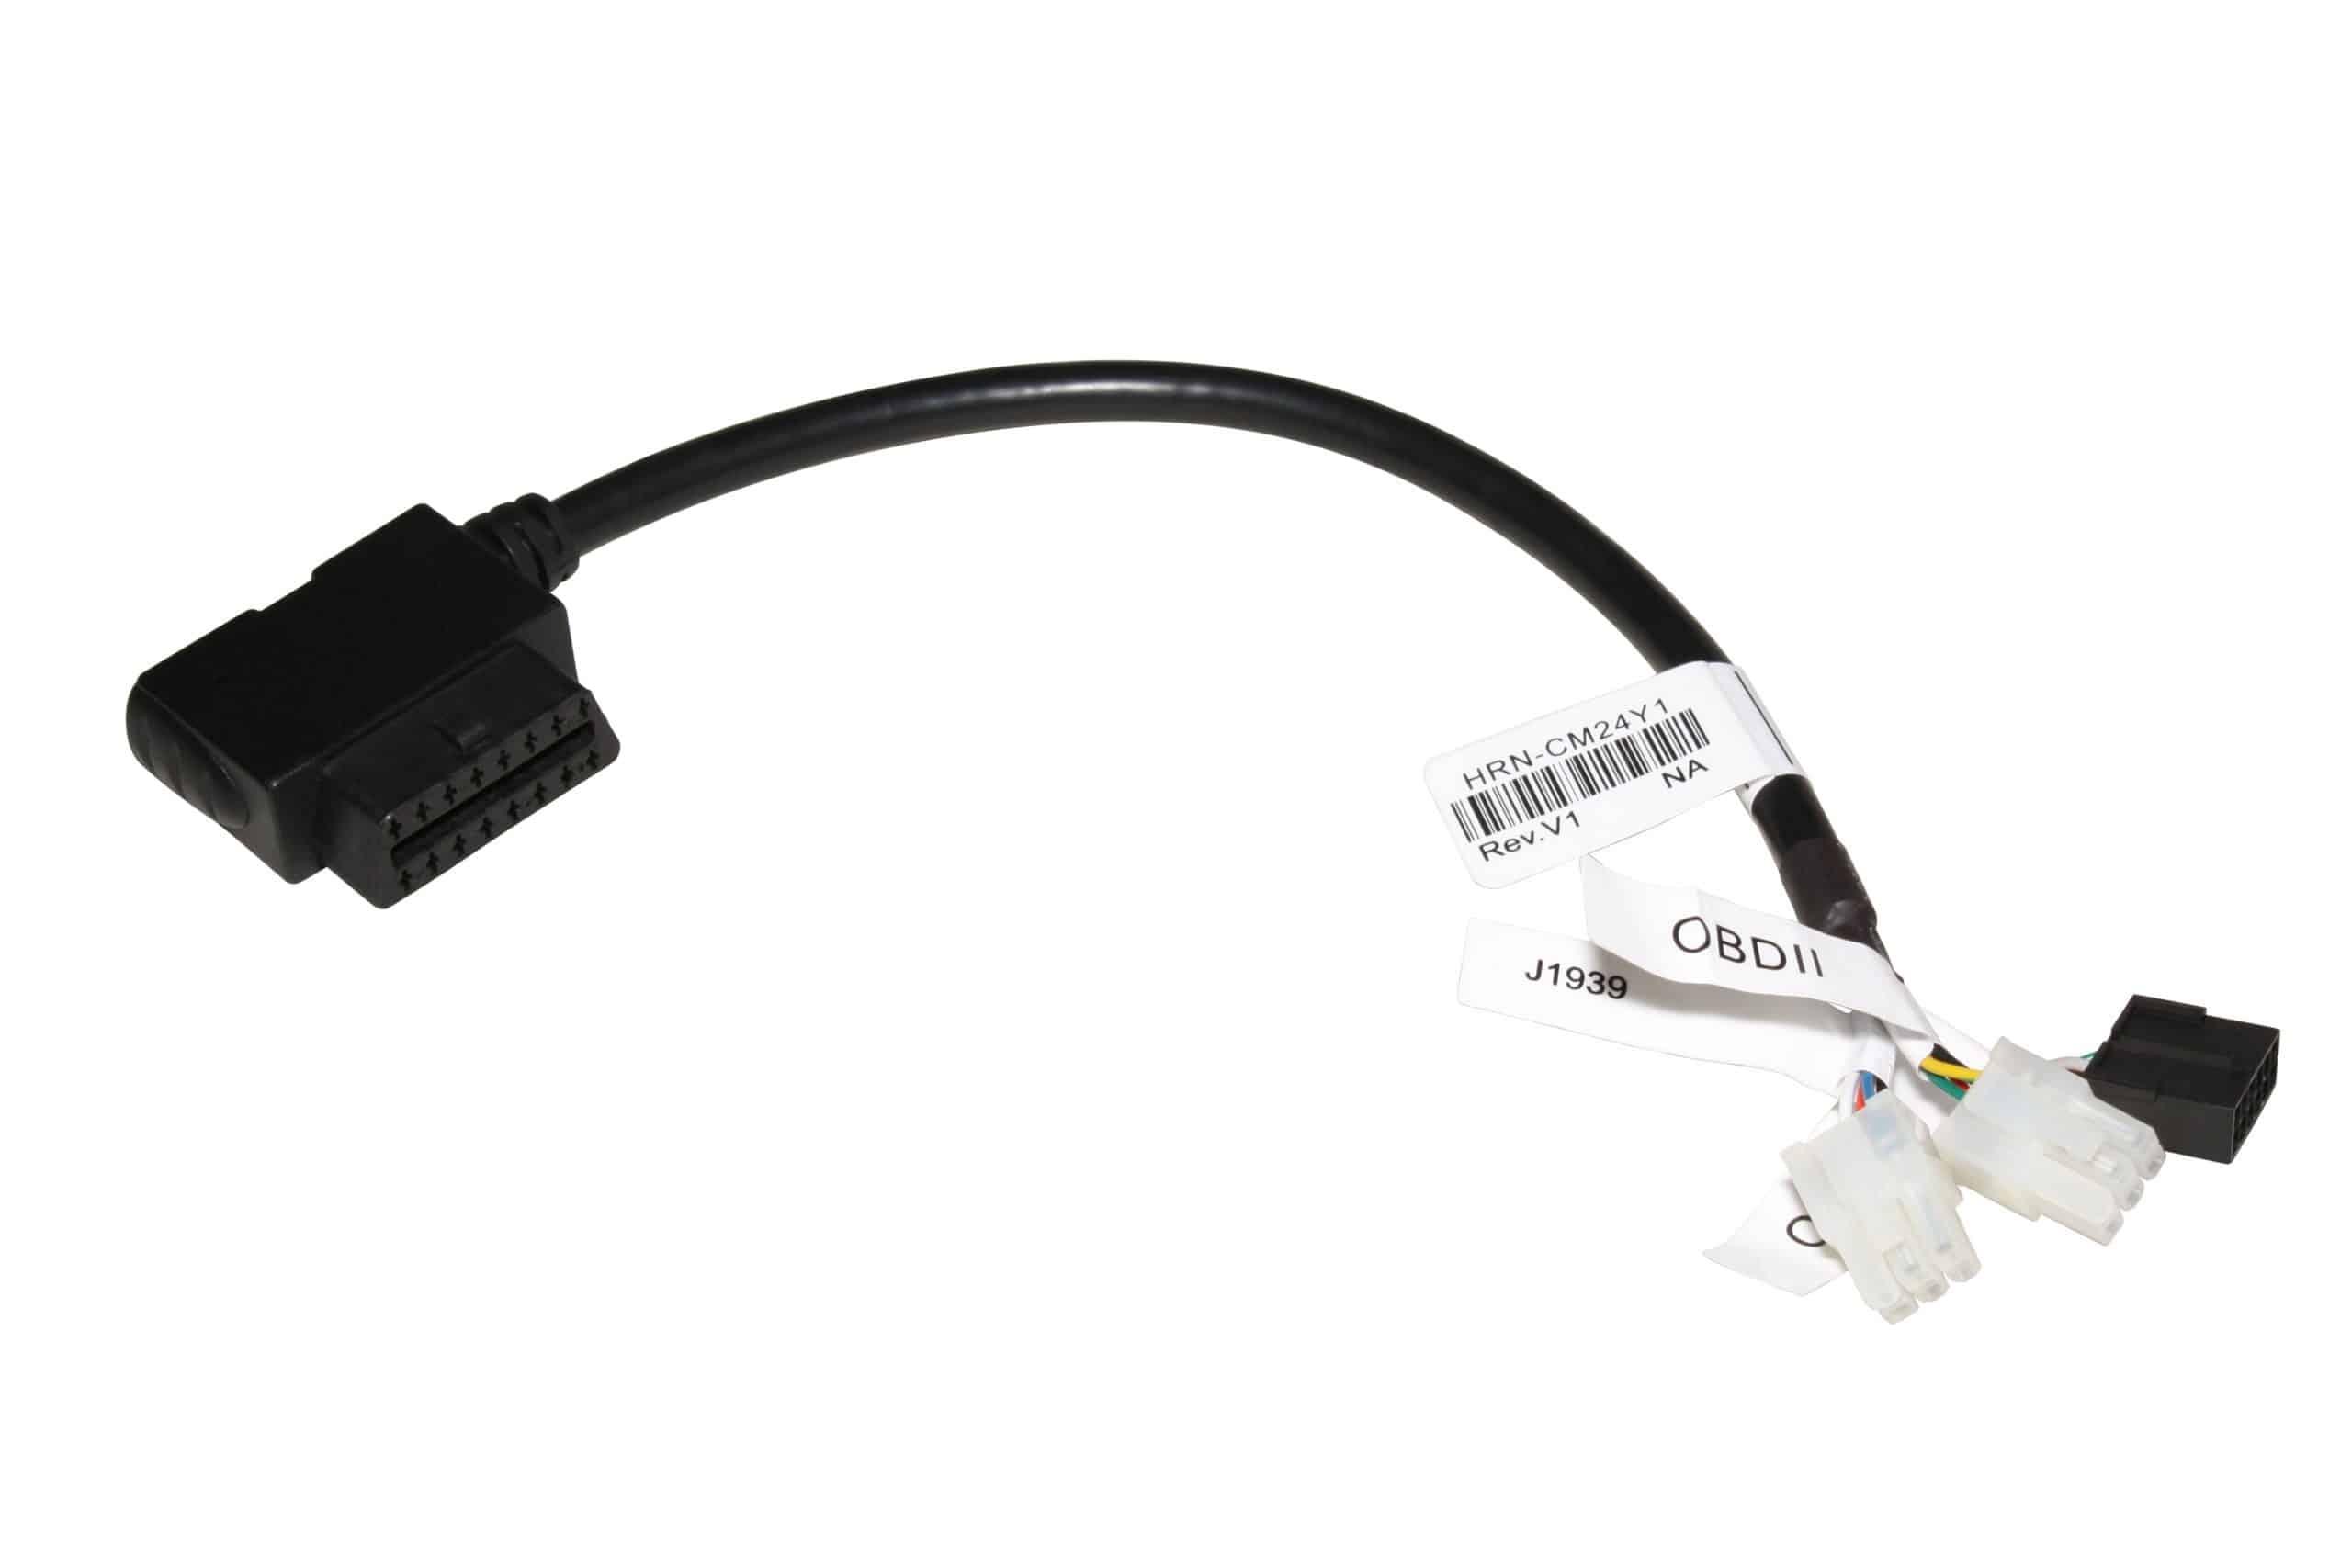 Geotab HRN-CM24Y1 Kabelbaum Adapter für benutzerdefinierte Installationen. Molexstecker für zwei OBD-Anschlussstellen an eine J1939-Anschlussstelle.